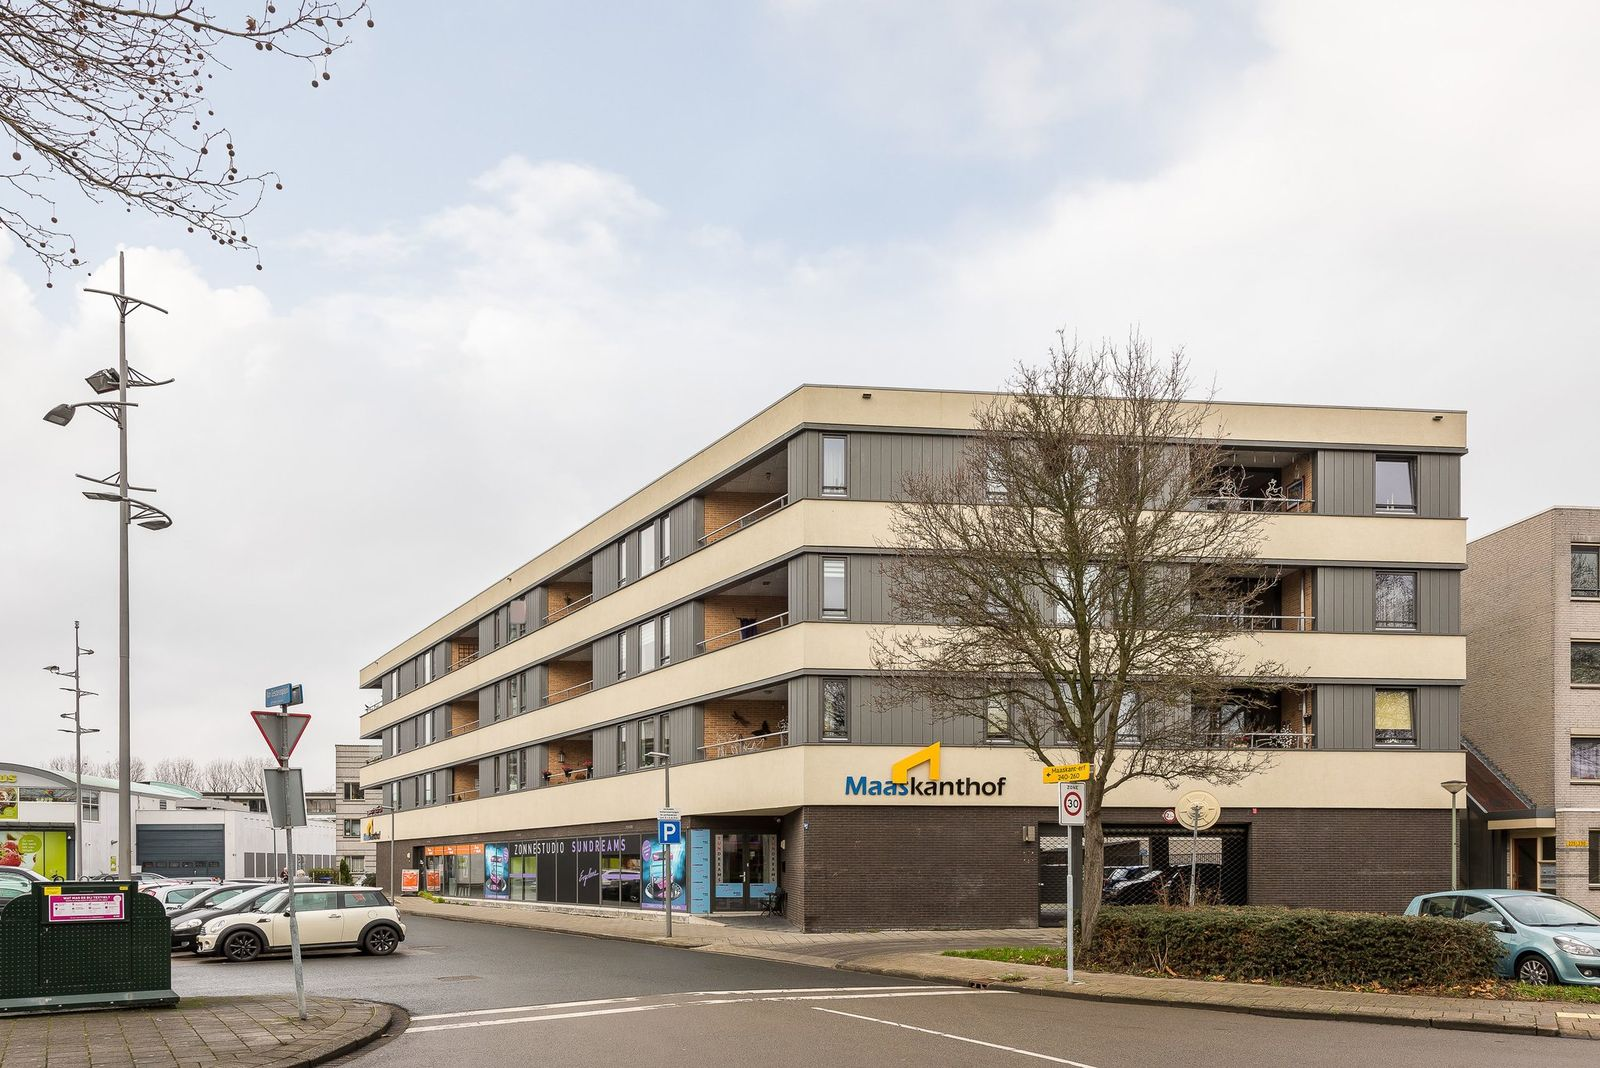 Maaskant-erf 256, Dordrecht